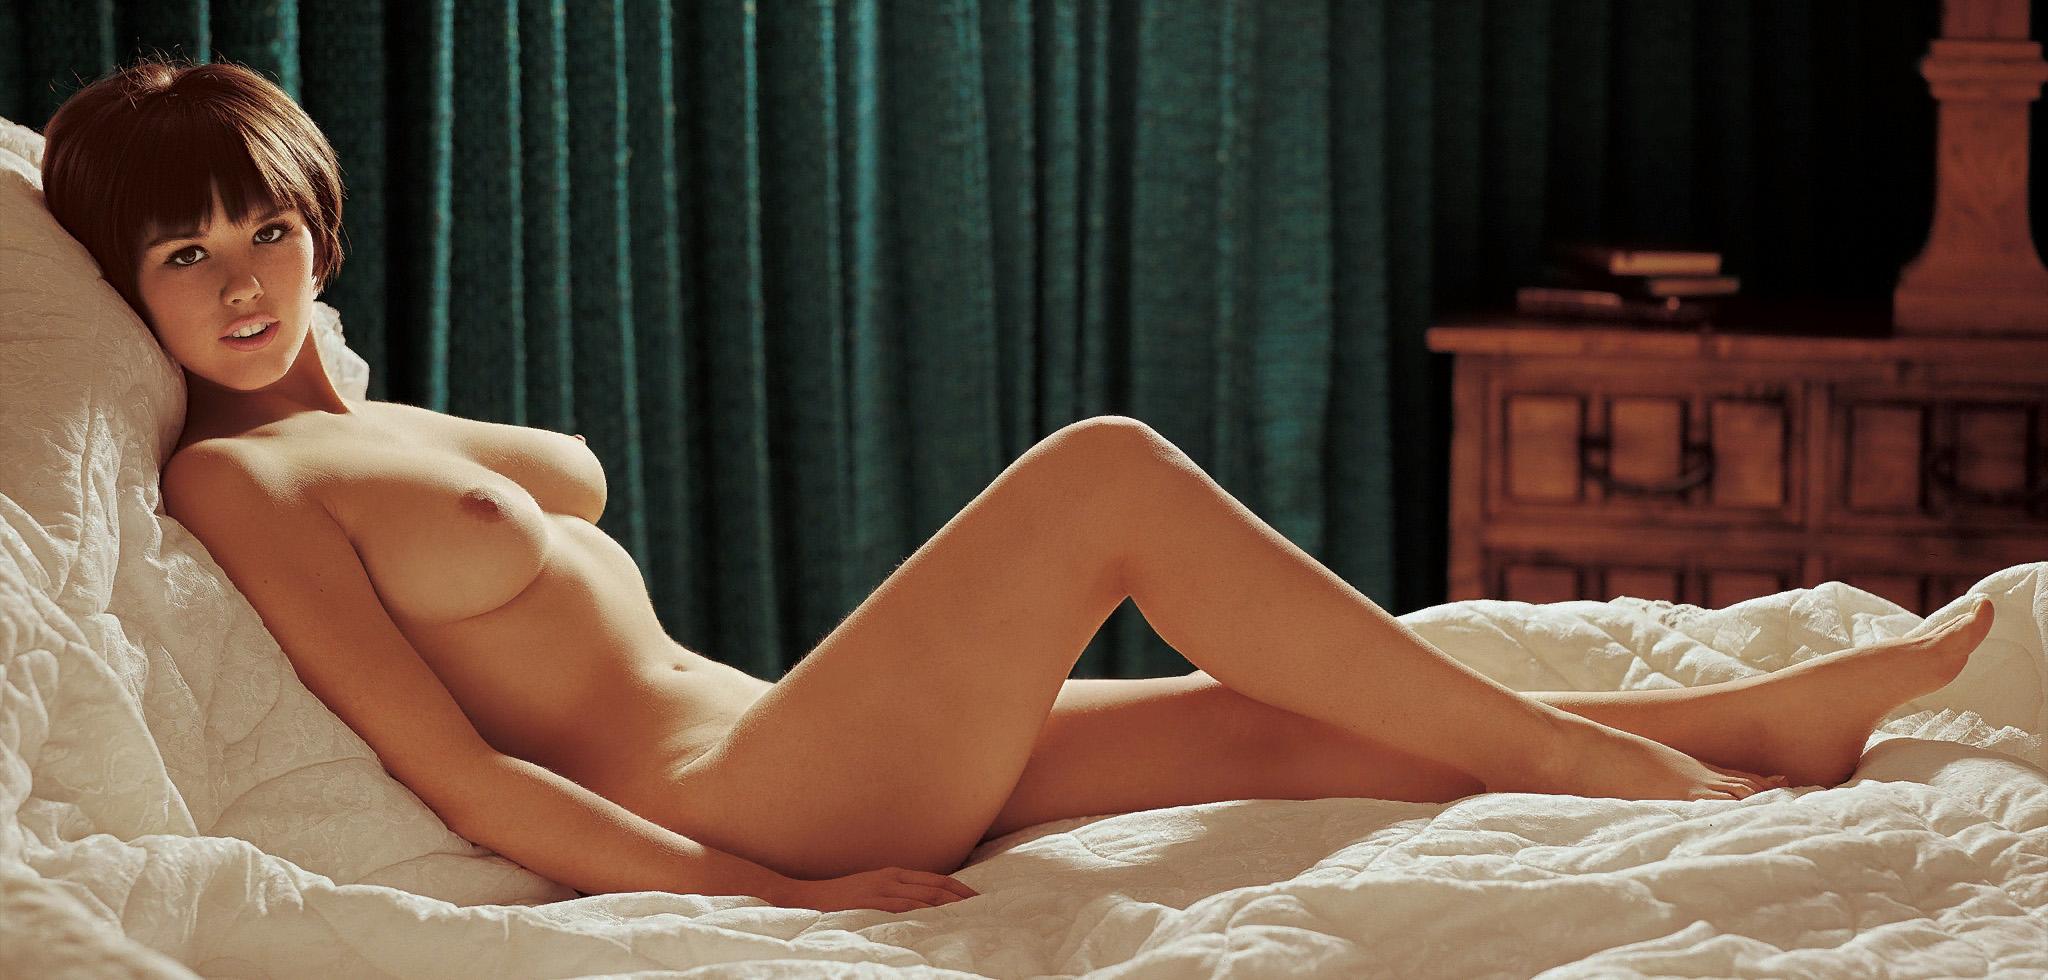 Фото из журнала голые девушки, PlayBoy бесплатные фото девушек 26 фотография